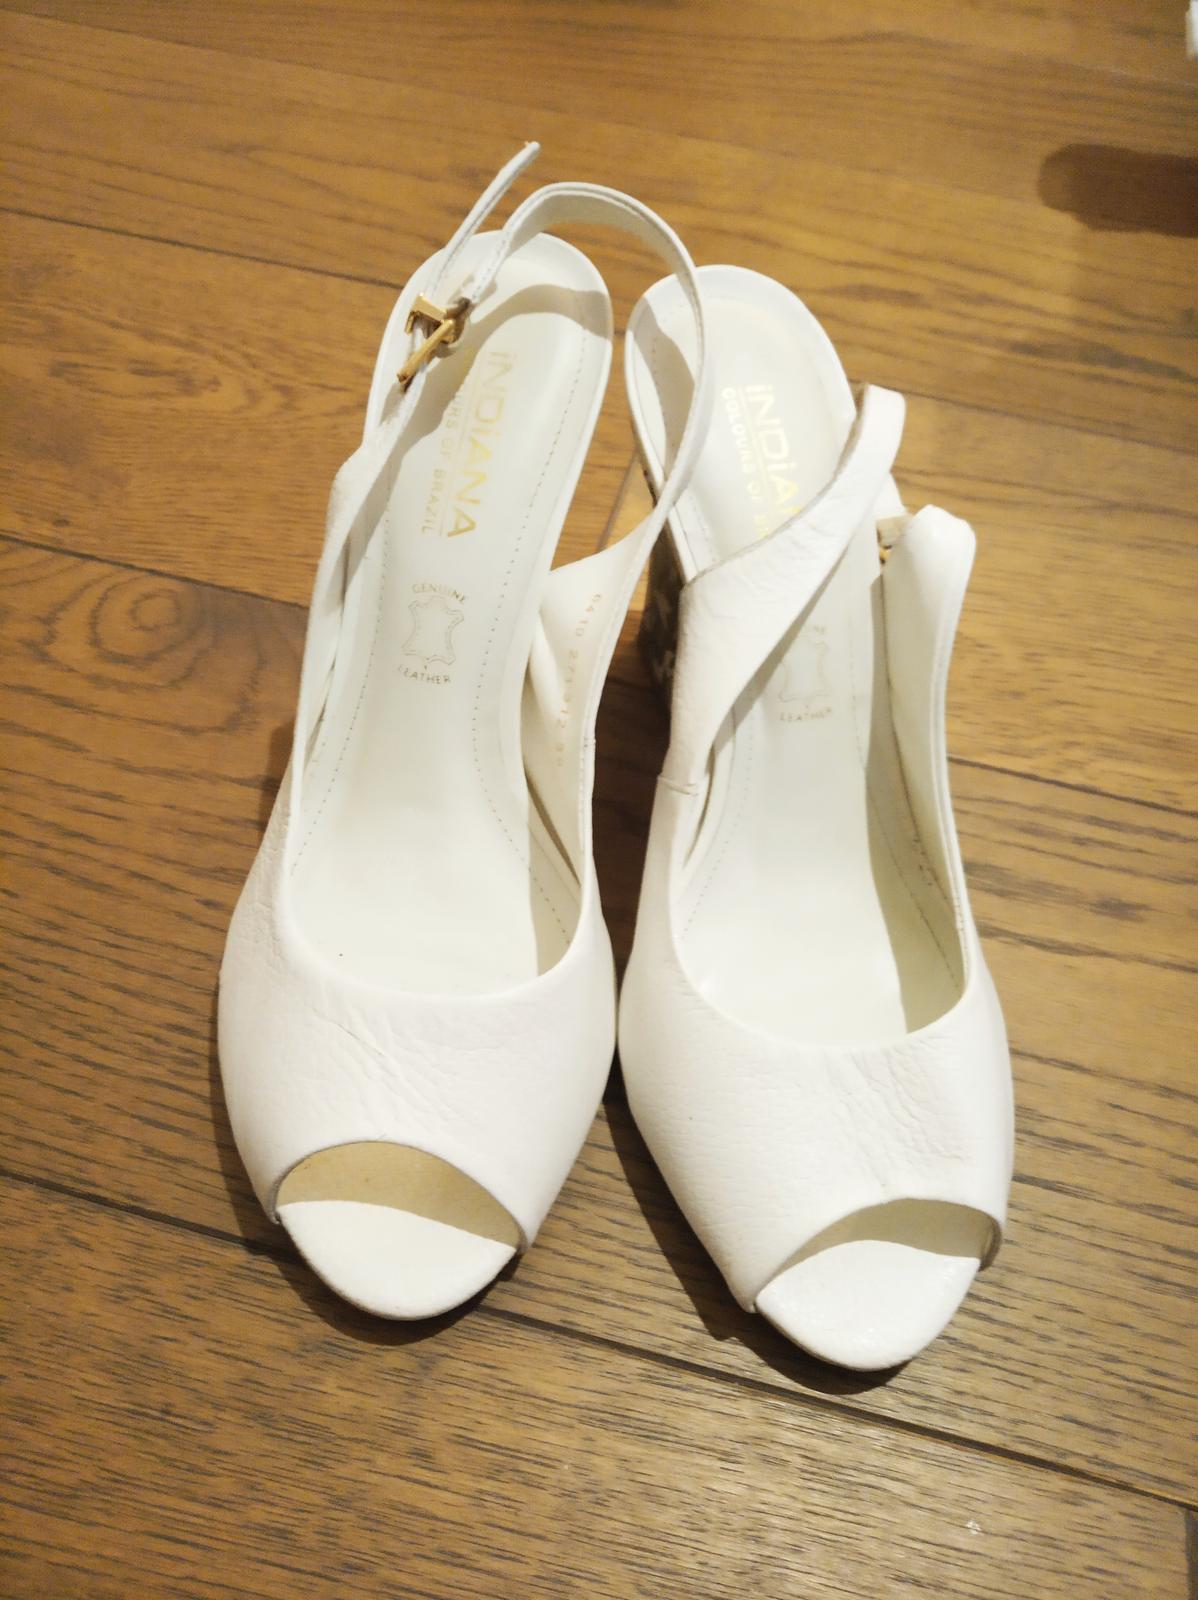 svadobné topánky so vzorovaným opätkom - Obrázok č. 2